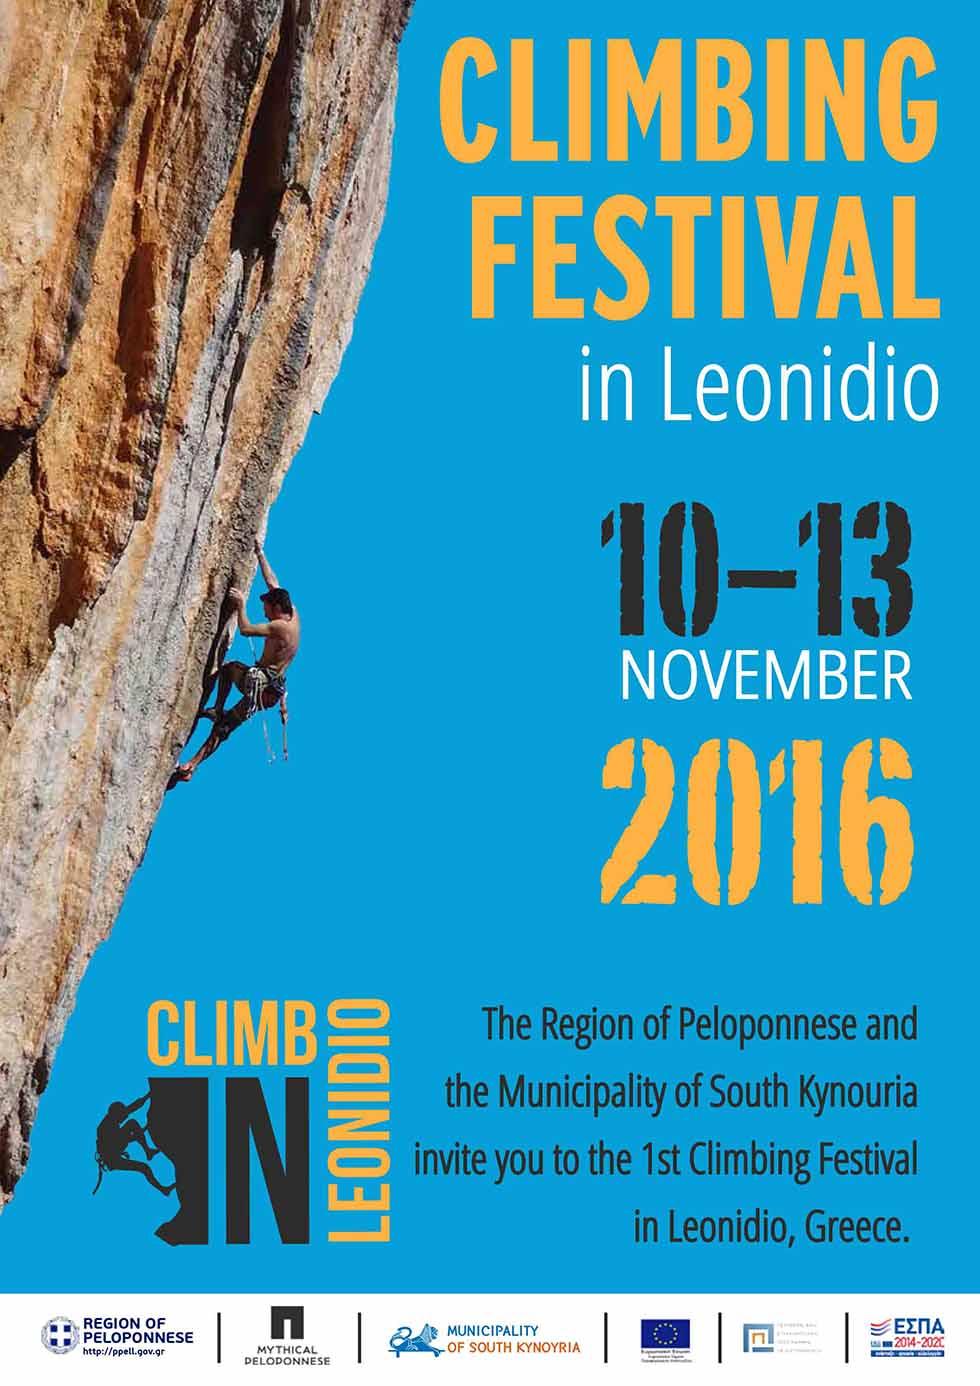 Το 1ο Φεστιβάλ Αναρρίχησης στο Λεωνίδιο στις 10-13 Νοέμβρη 2016!